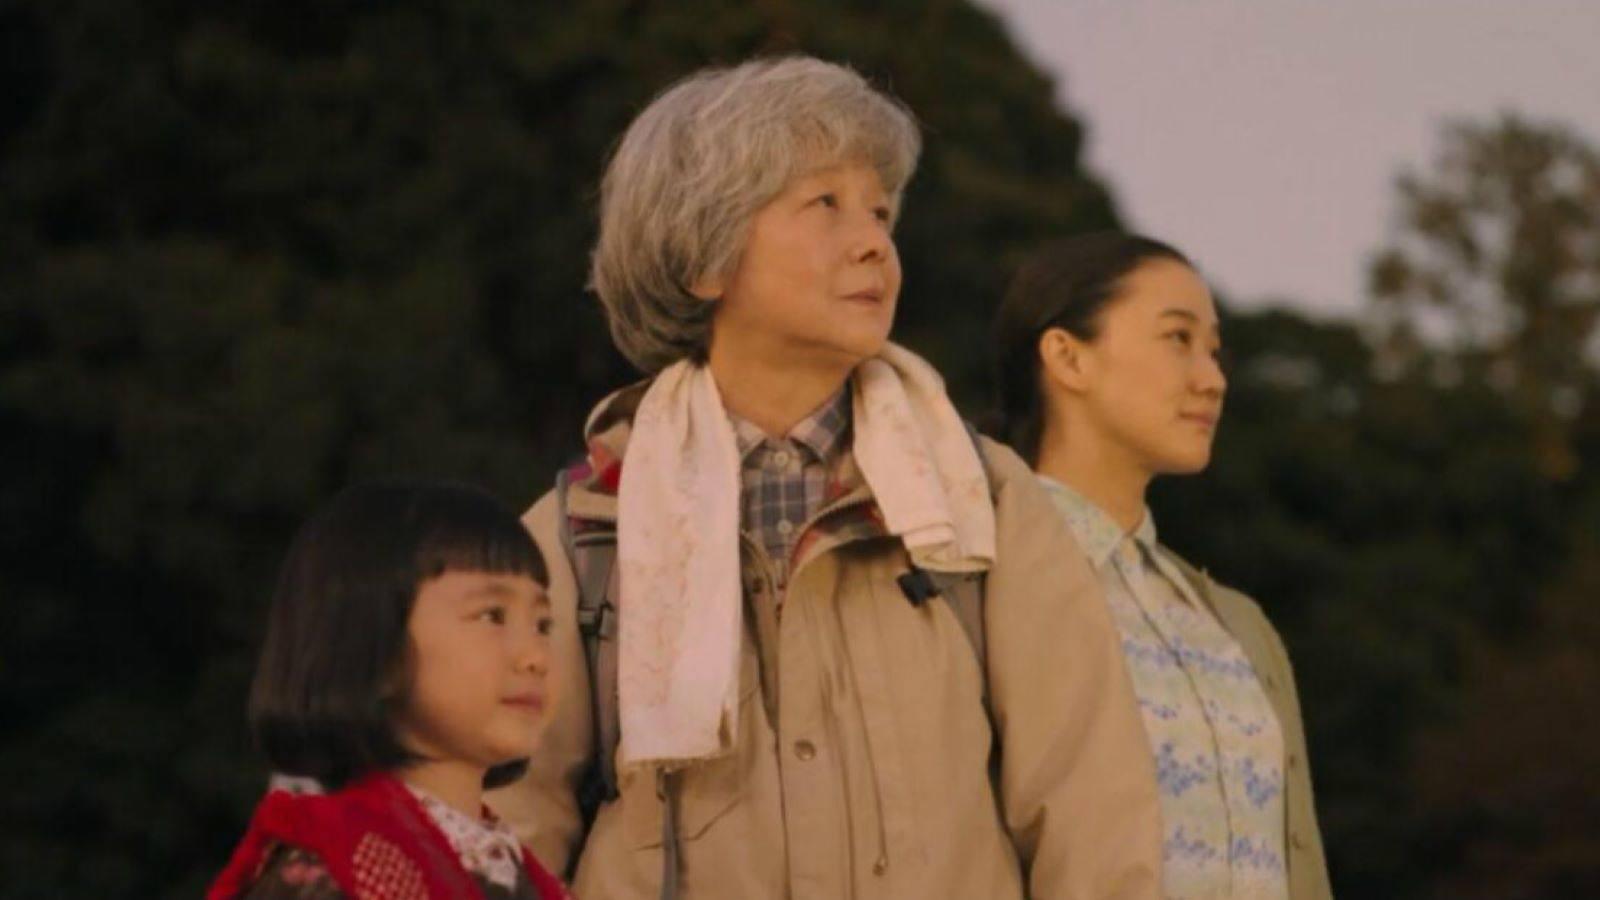 田中裕子、苍井优共演电影《我啊,走自己的路》公开预告